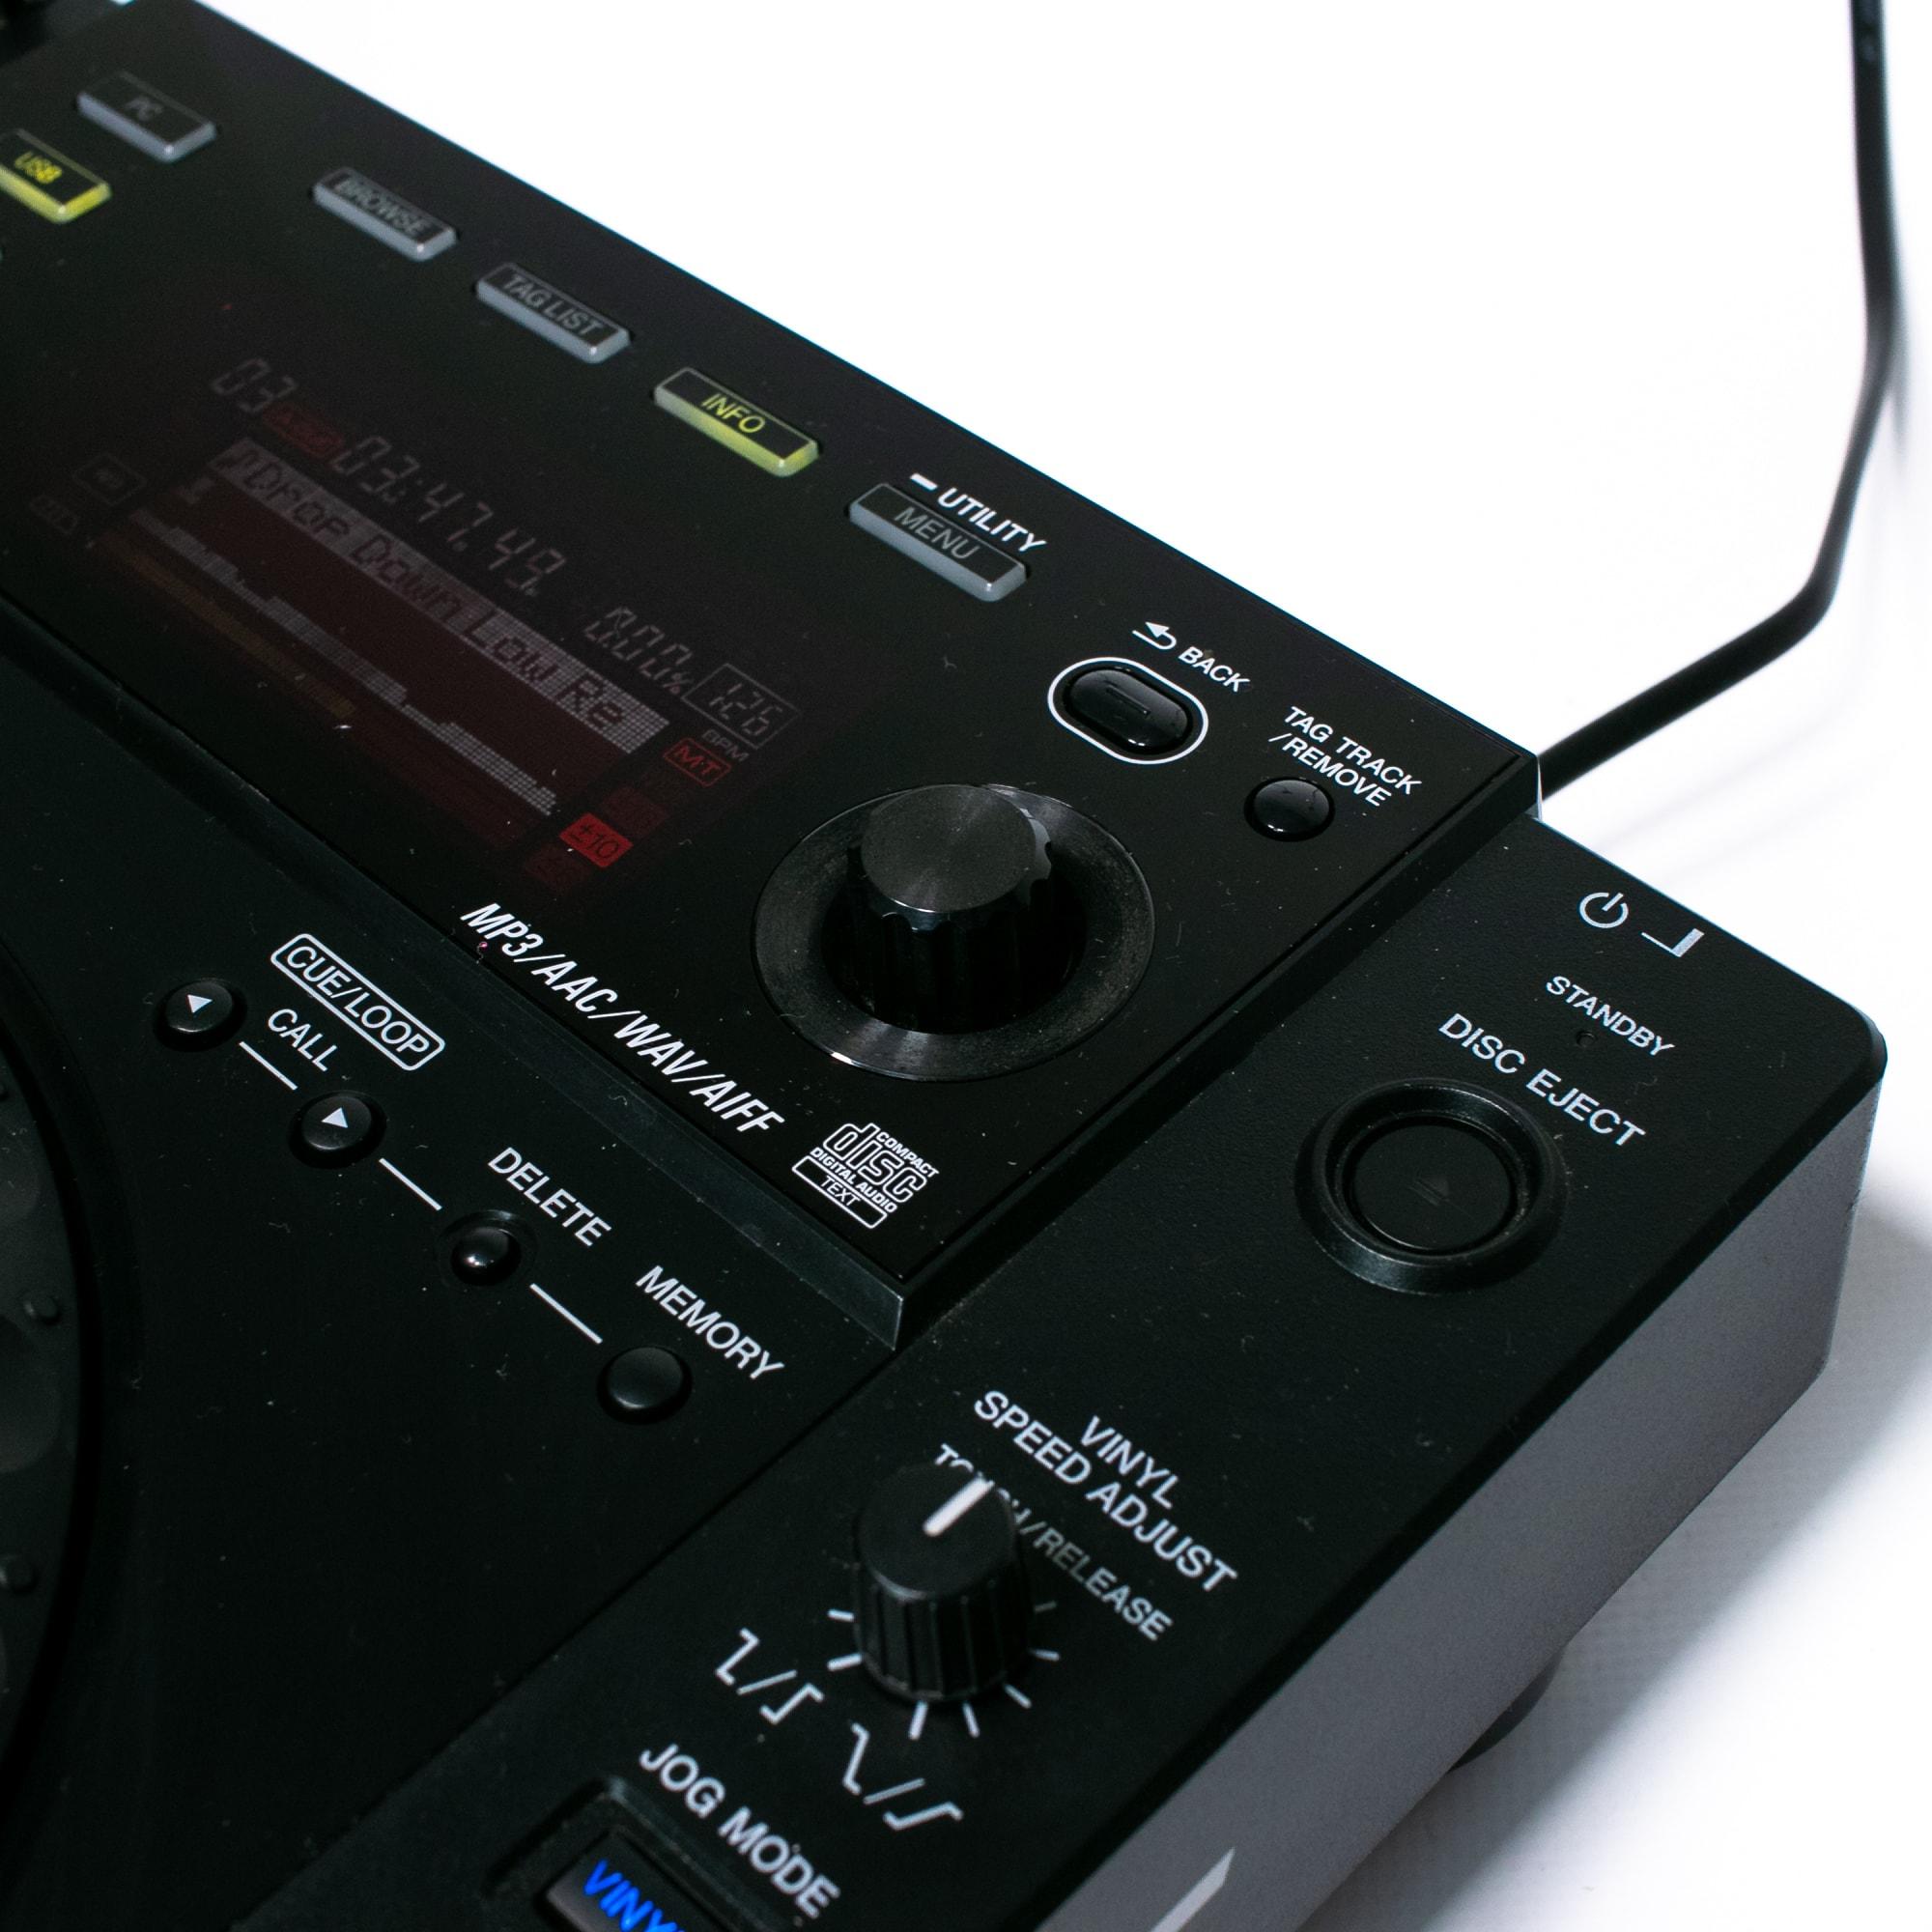 gebraucht kaufen 2er Paket: Pioneer CDJ 850 K